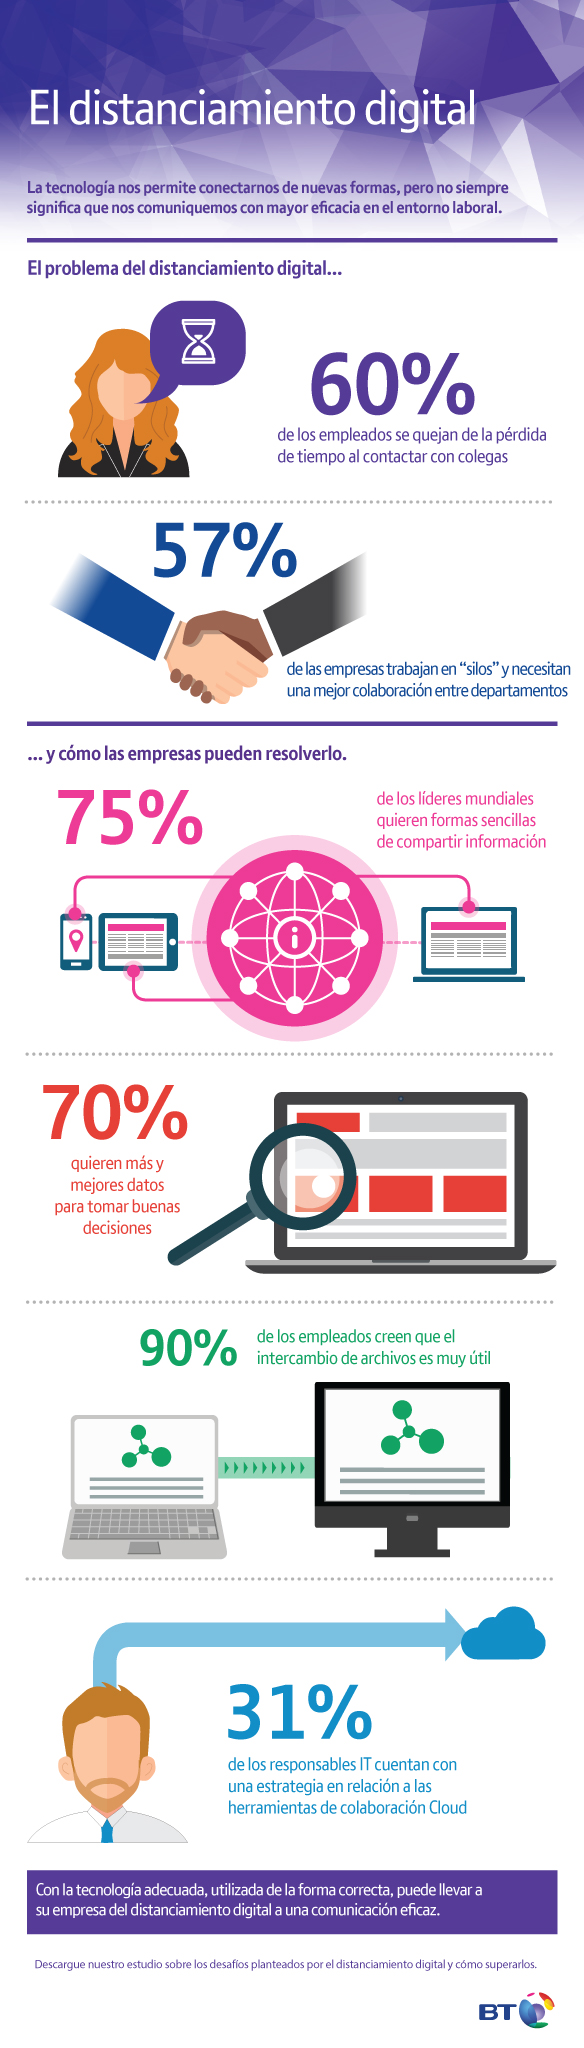 El problema del distanciamiento digital en las empresas #infografia #infographic #rrhh